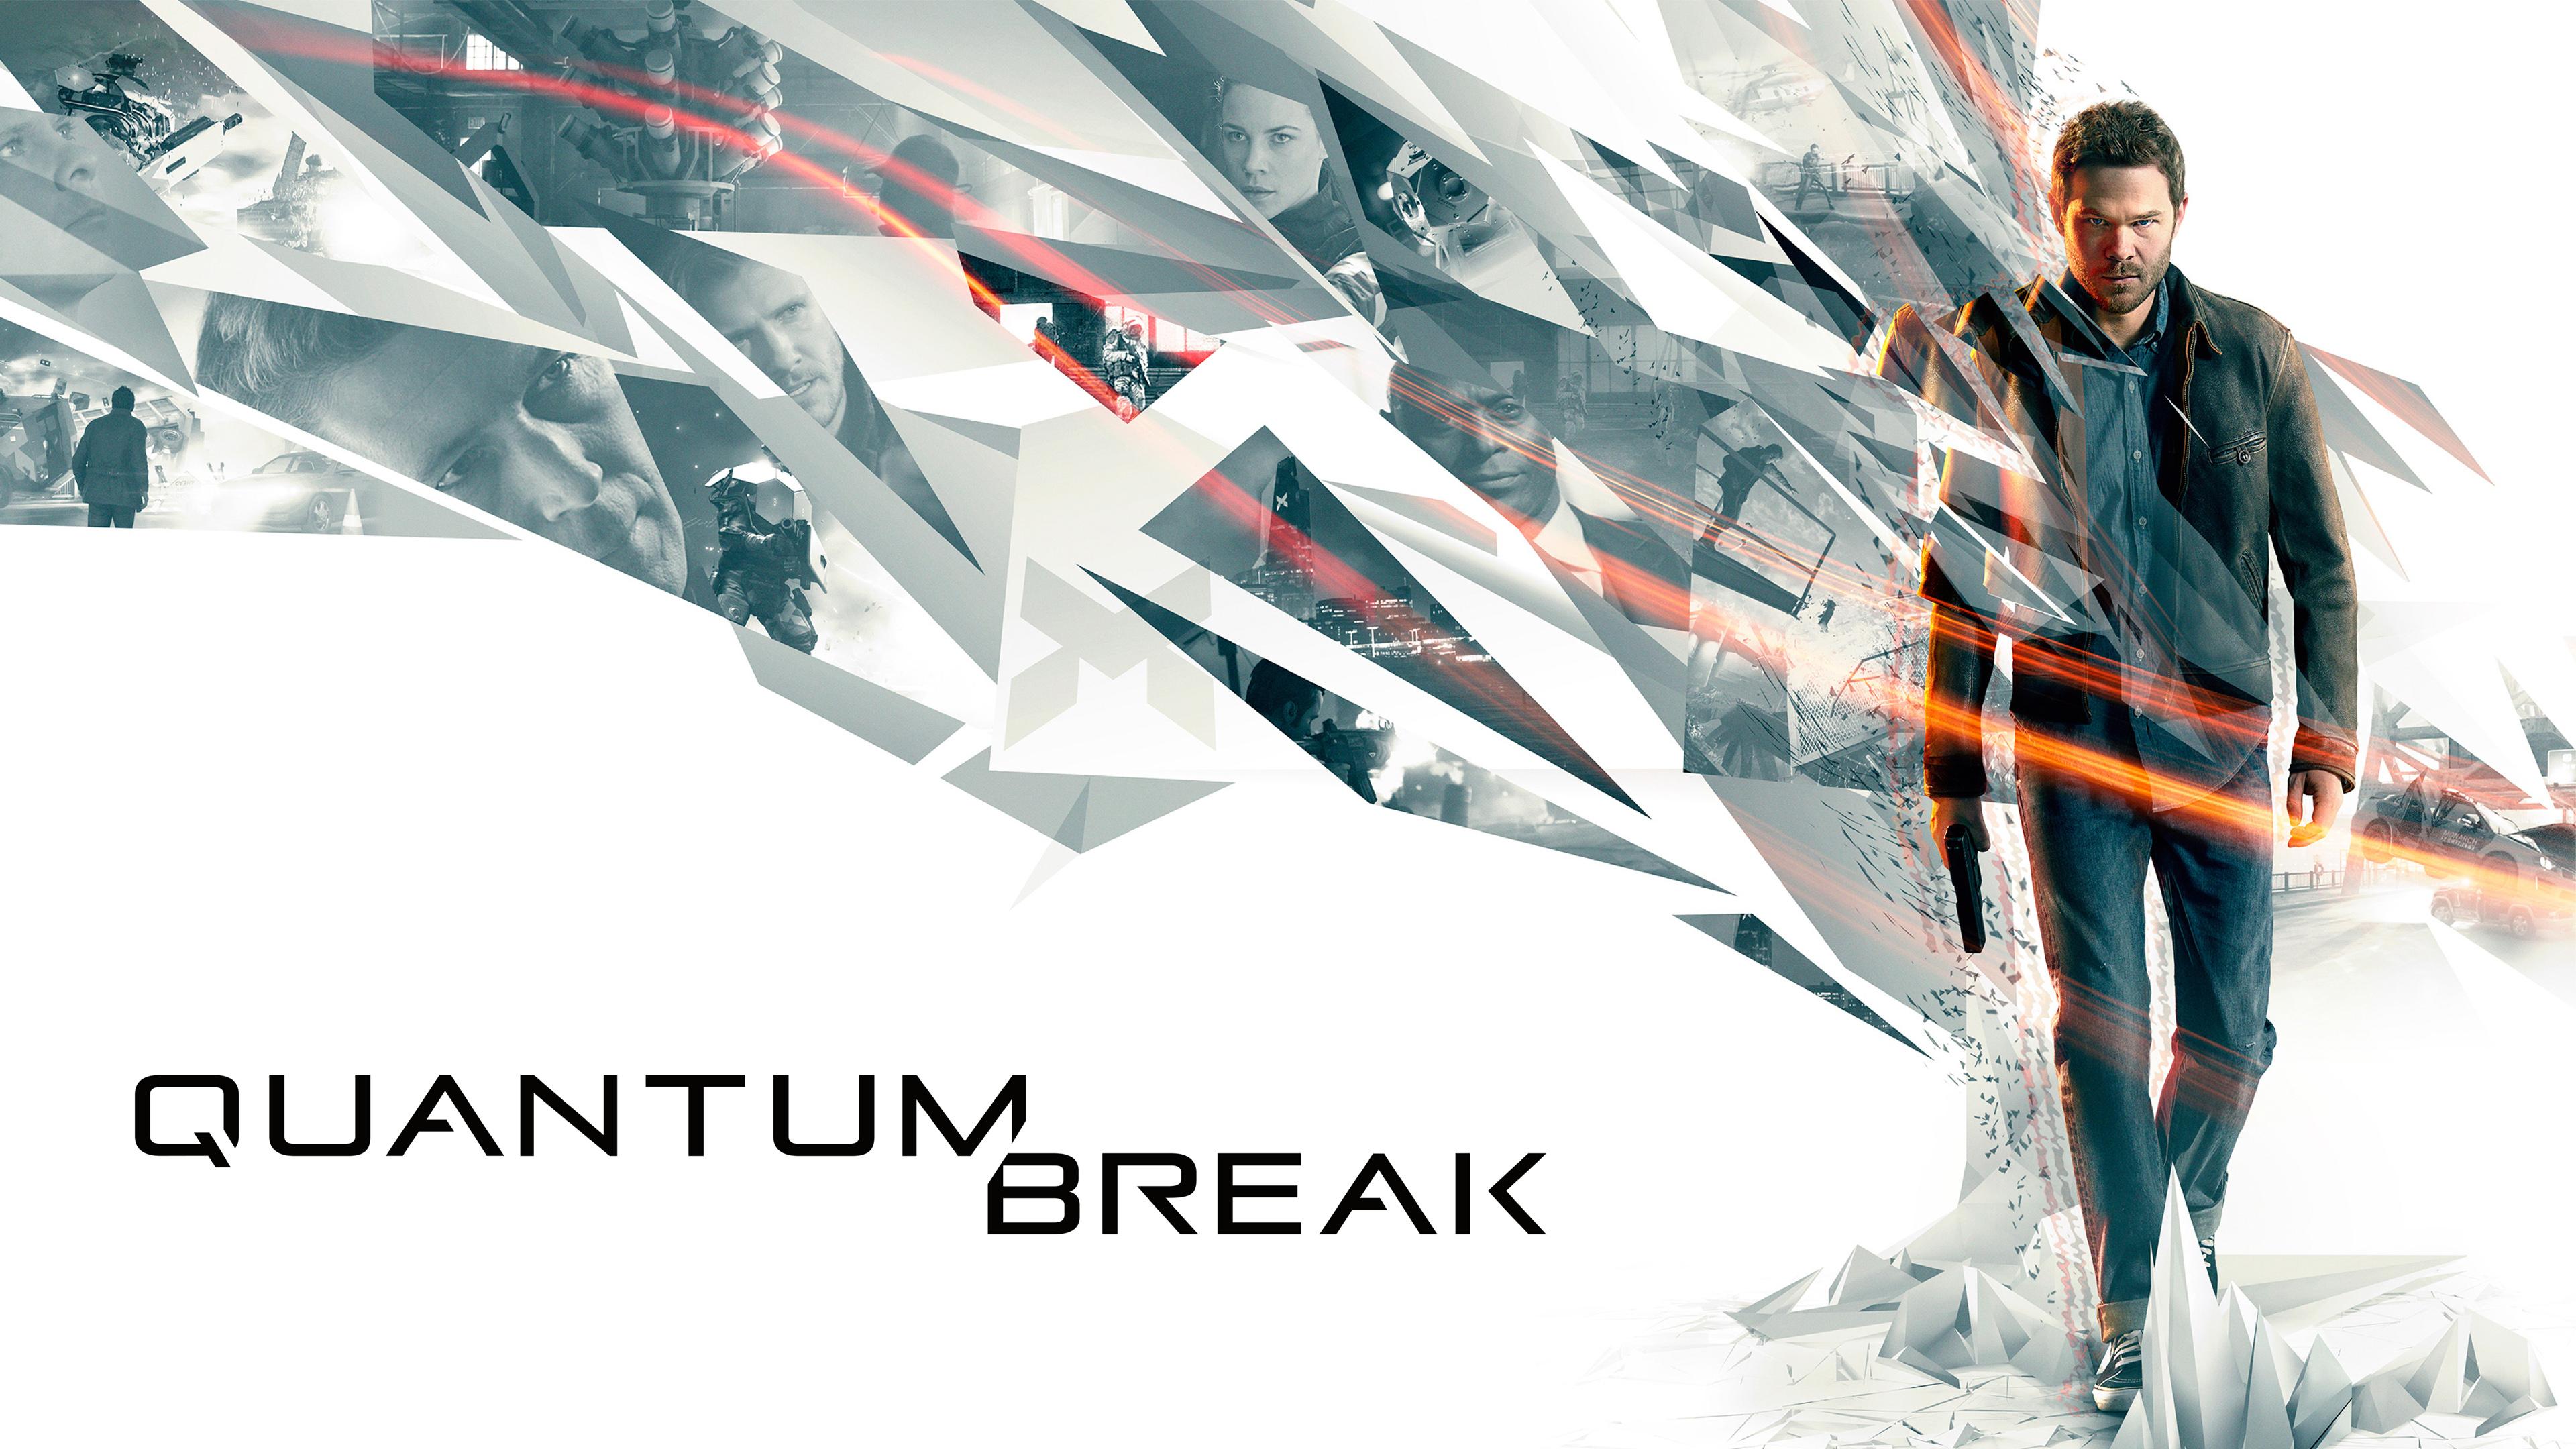 HD Wallpapers Quantum Break 2016 Game